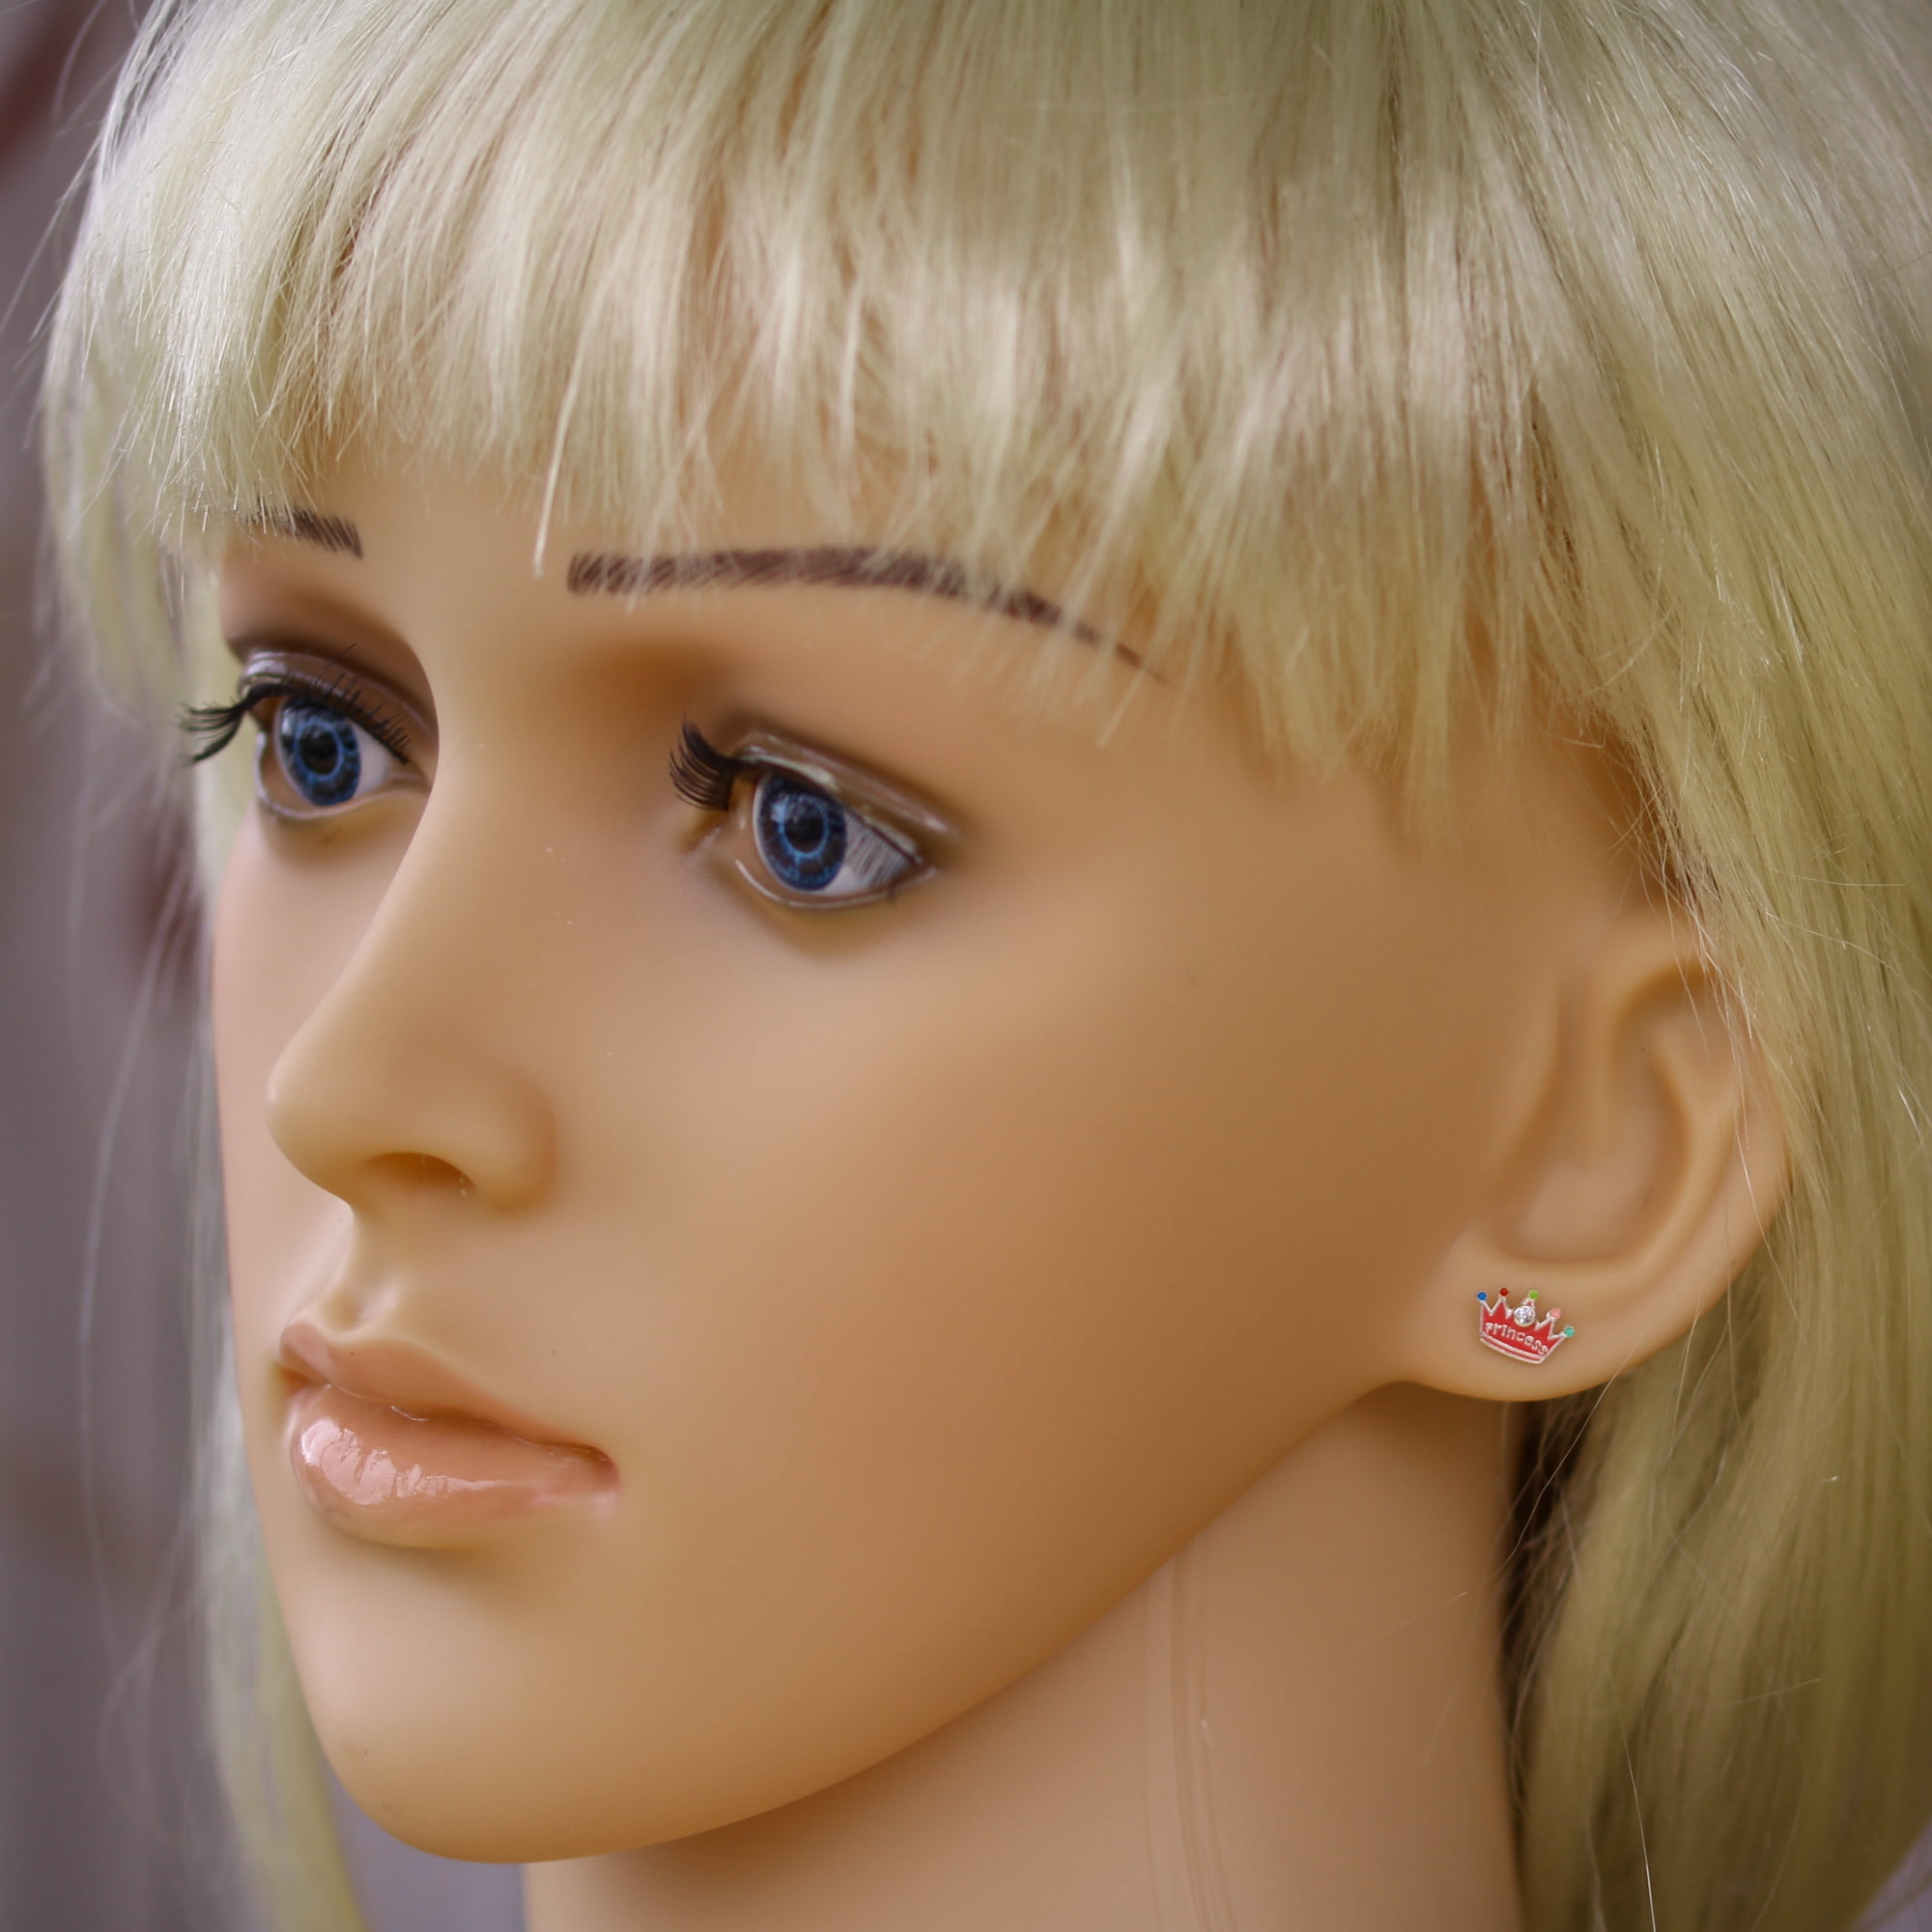 Princess crown earrings in sterling silver model